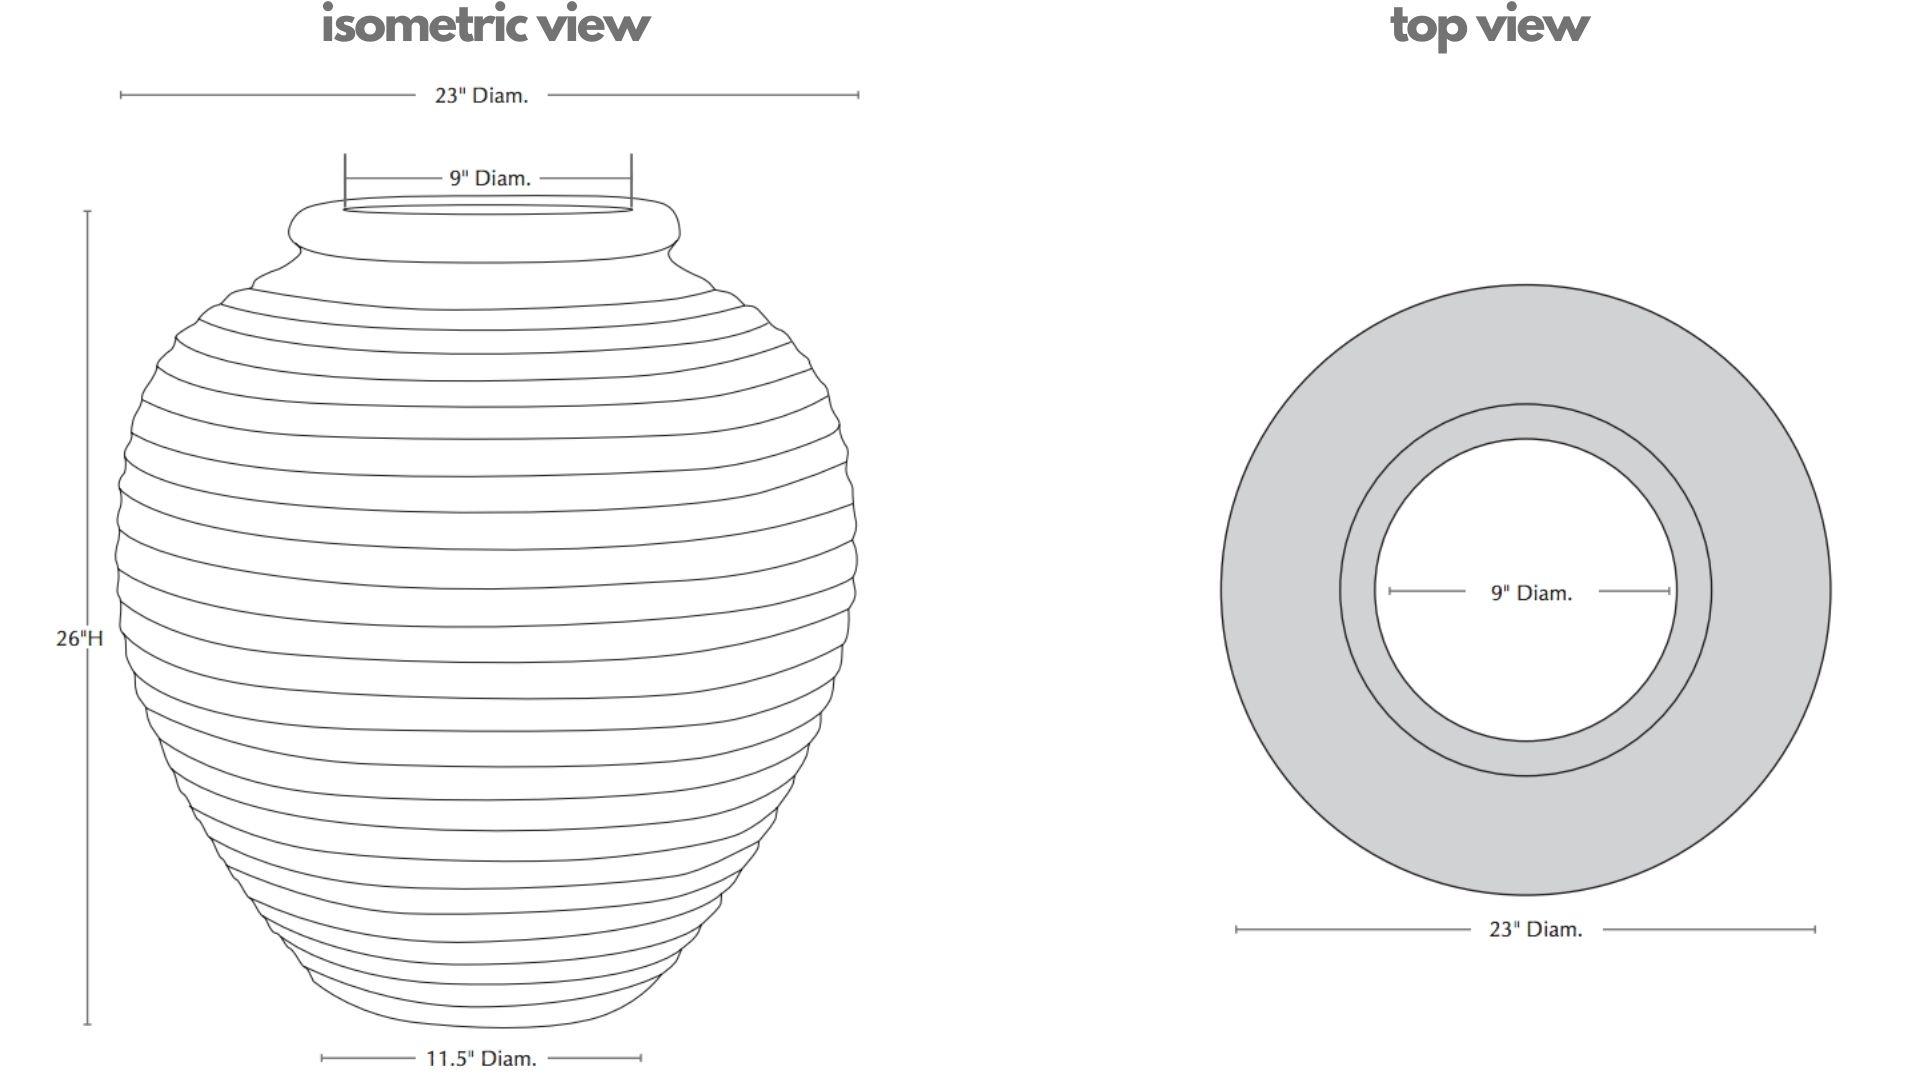 palatine-jar-dimensions